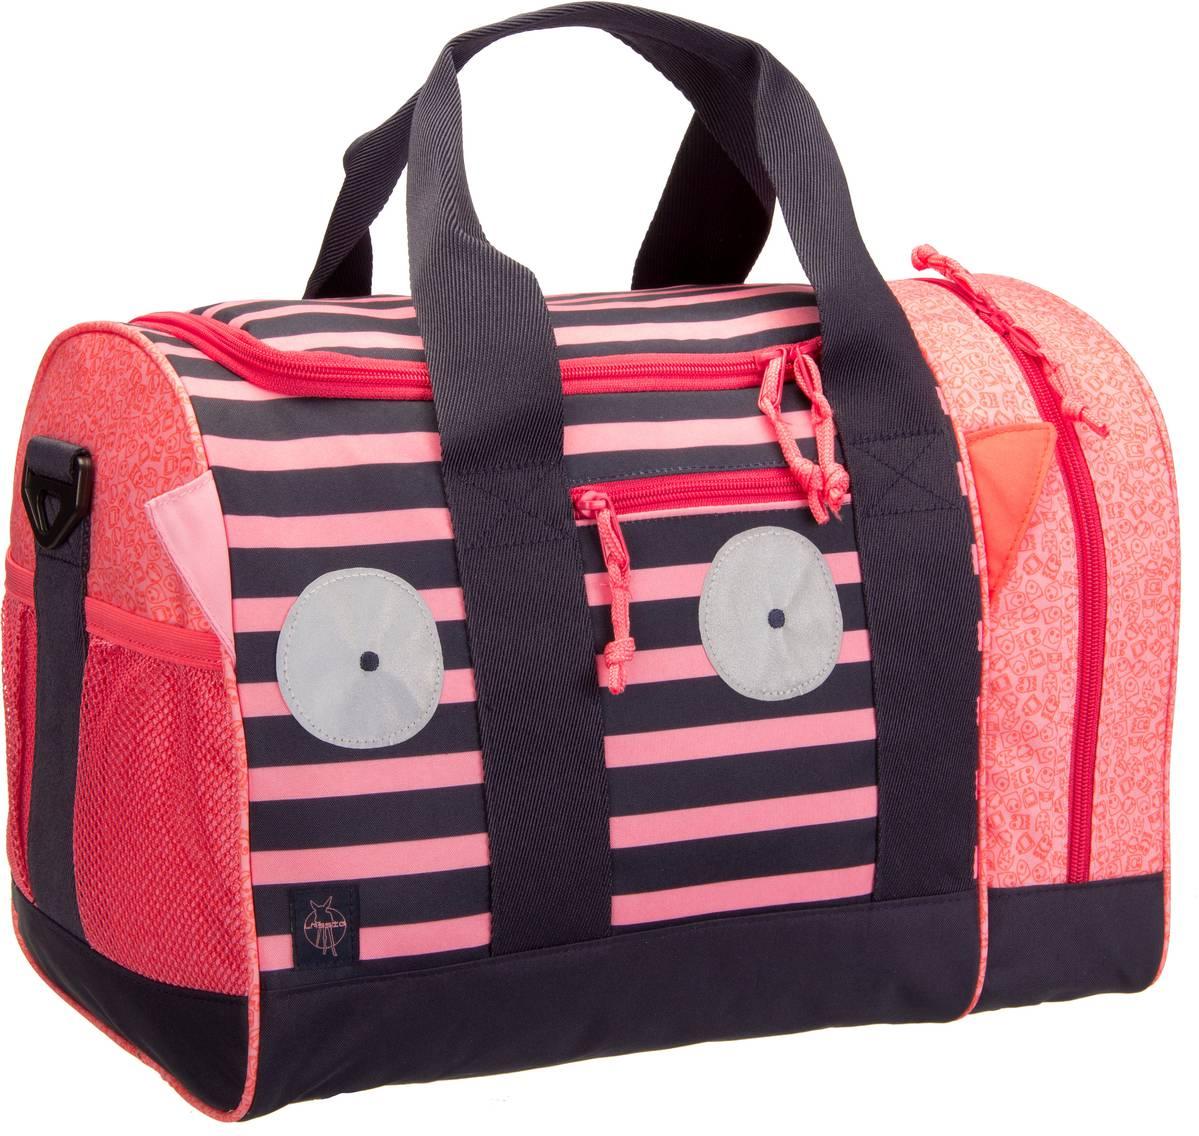 Neiße-Malxetal Angebote Lässig 4Kids Mini Sportbag Little Monsters - Mad Mabel Reisegepäck für Kinder